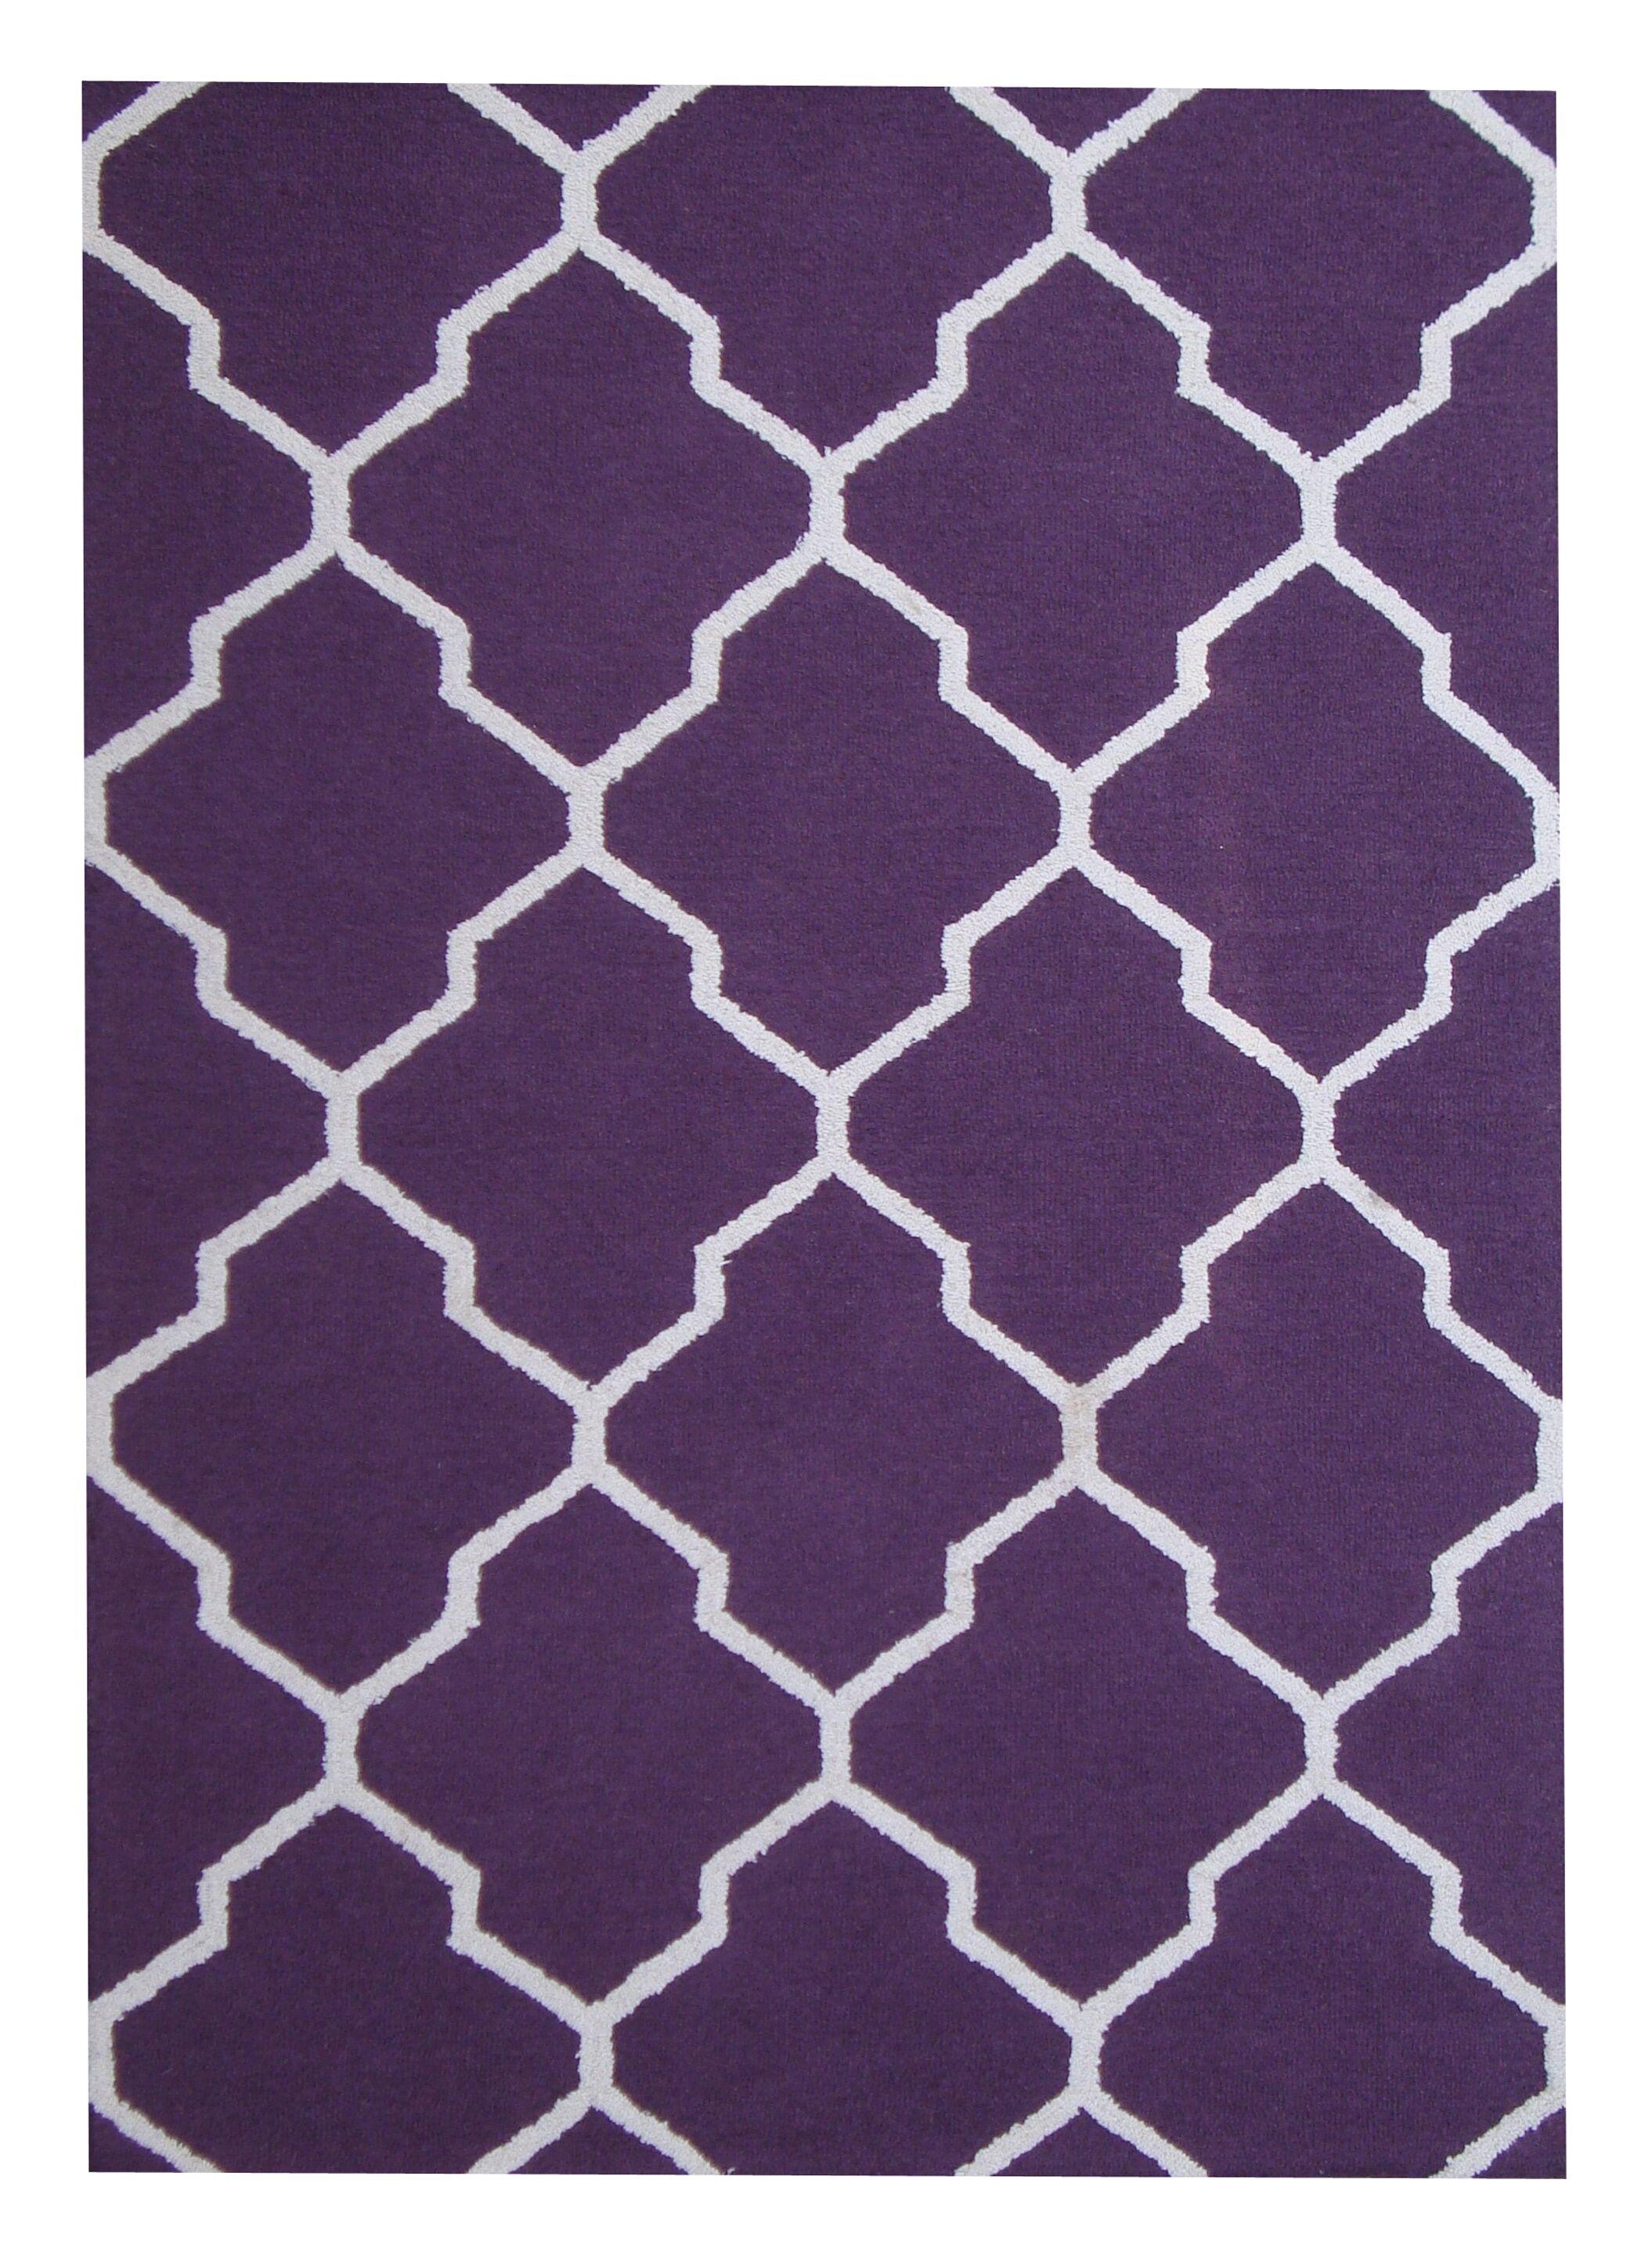 Hand-Tufted Purple/Ivory Indoor Area Rug